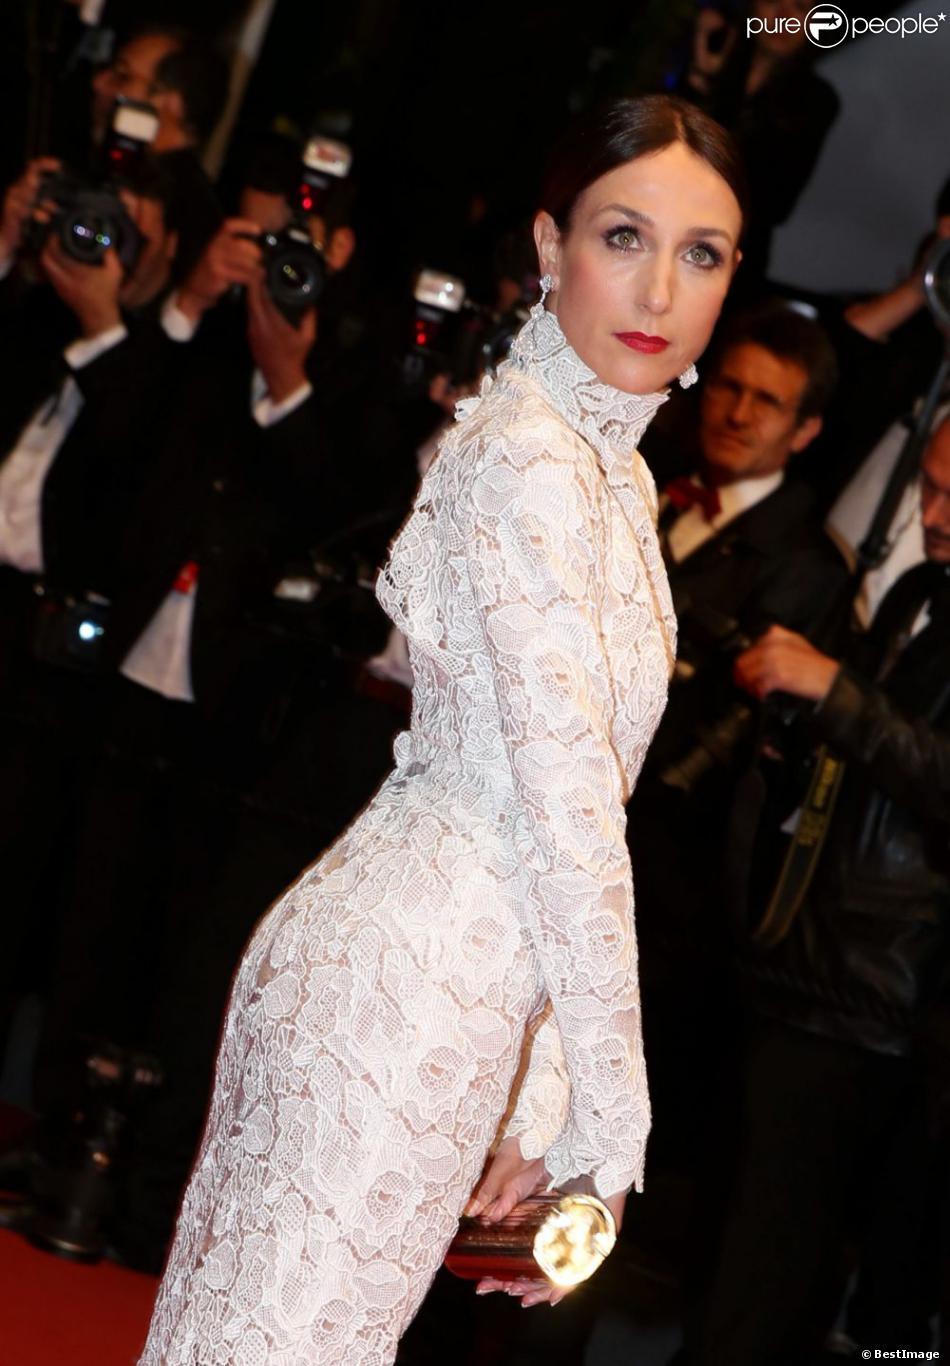 Elsa Zylberstein sublime en Zuhair Murad pendant la montée des marches du film Only God Forgives lors du 66e Festival du film de Cannes, le 22 mai 2013